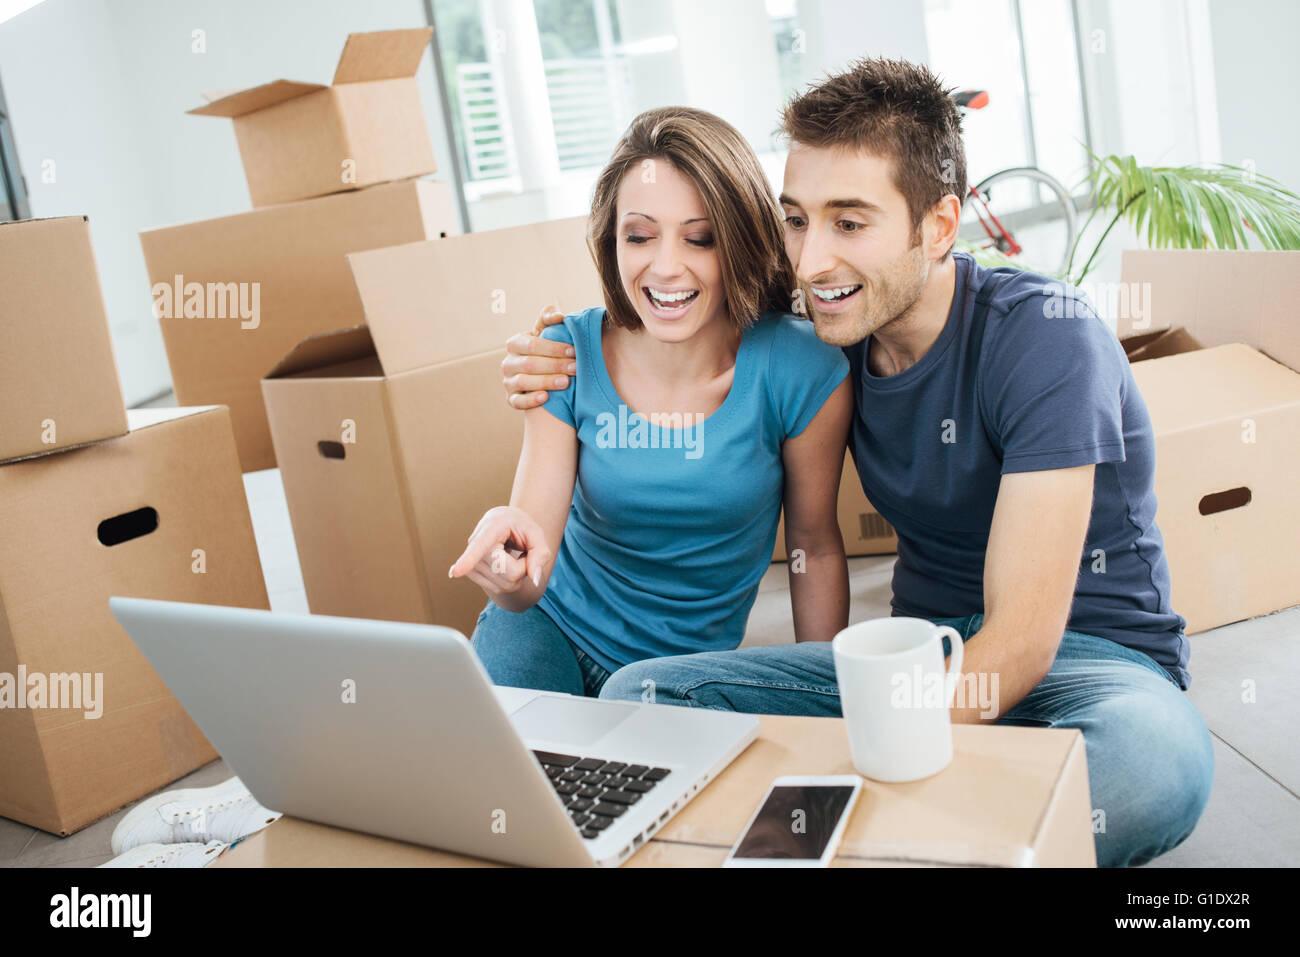 Pareja sonriente sentado en su nueva casa baja rodeado por cajas de cartón, están viendo un video gracioso Imagen De Stock